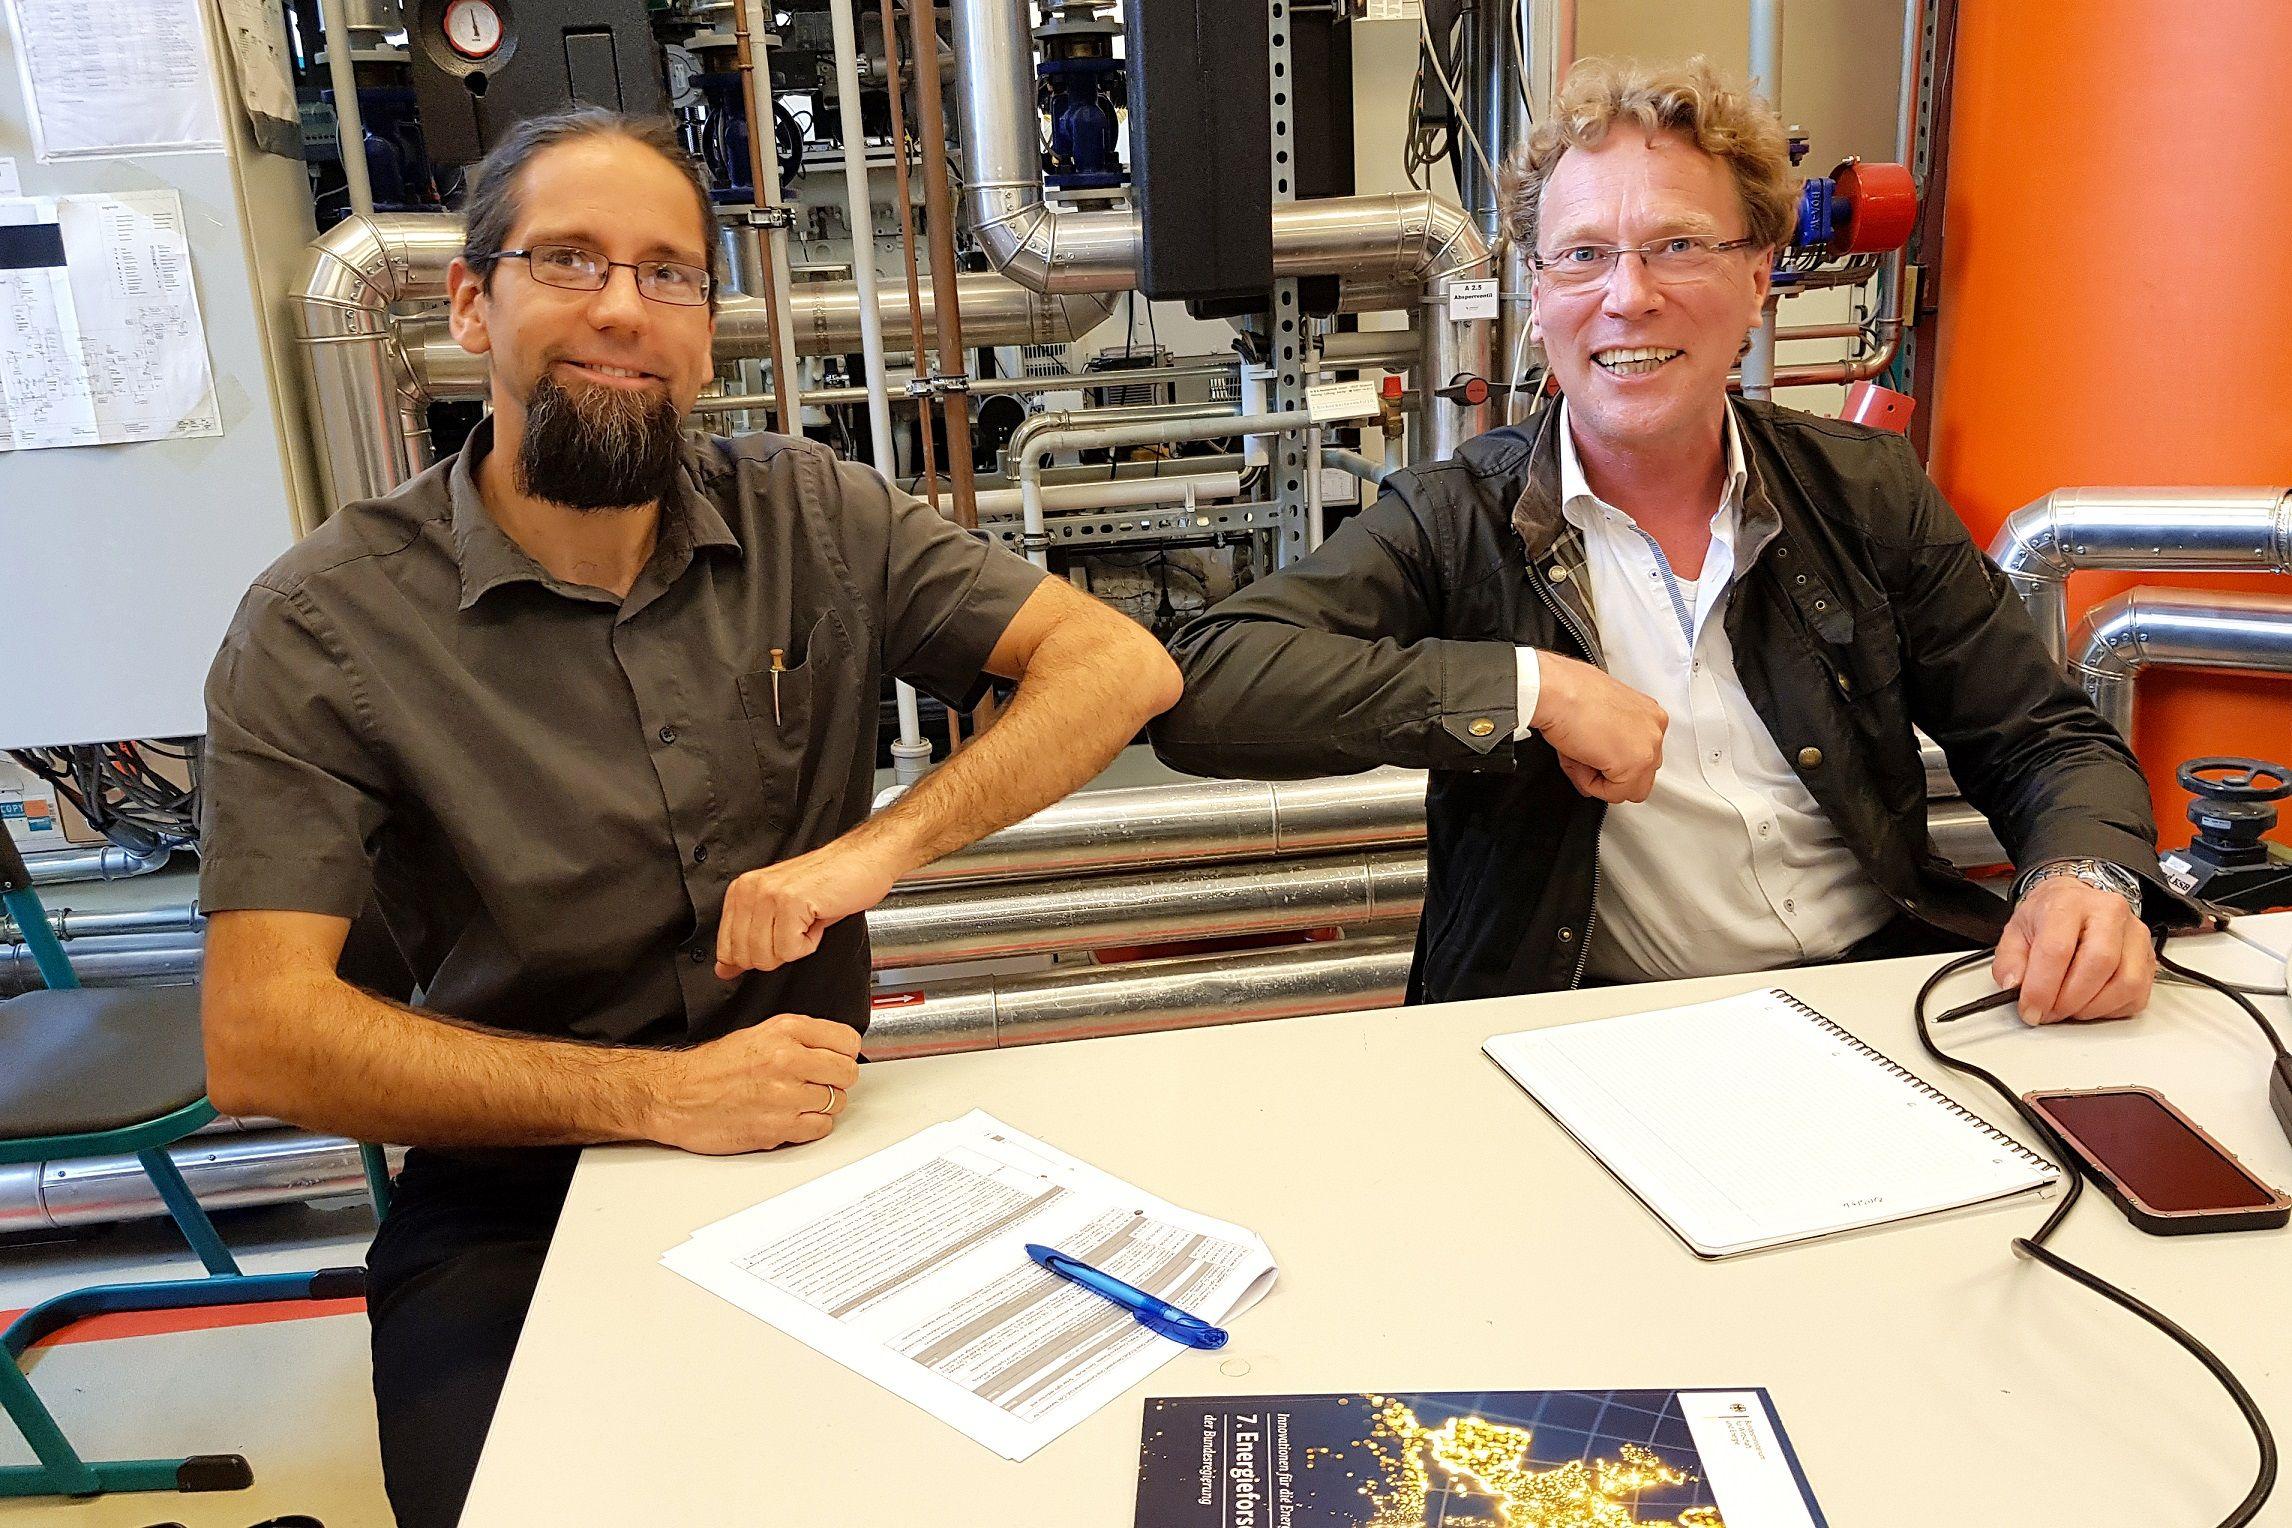 Johannes Gulden, Leiter des Instituts für Regenerative EnergieSysteme, und Christian Schweitzer, Geschäftsführer der bse Engineering Leipzig GmbH, ist die Produktion von Methanol aus Wasserstoff und Kohlendioxid gelungen. Dr. Jane Brückner Hochschule Stralsund